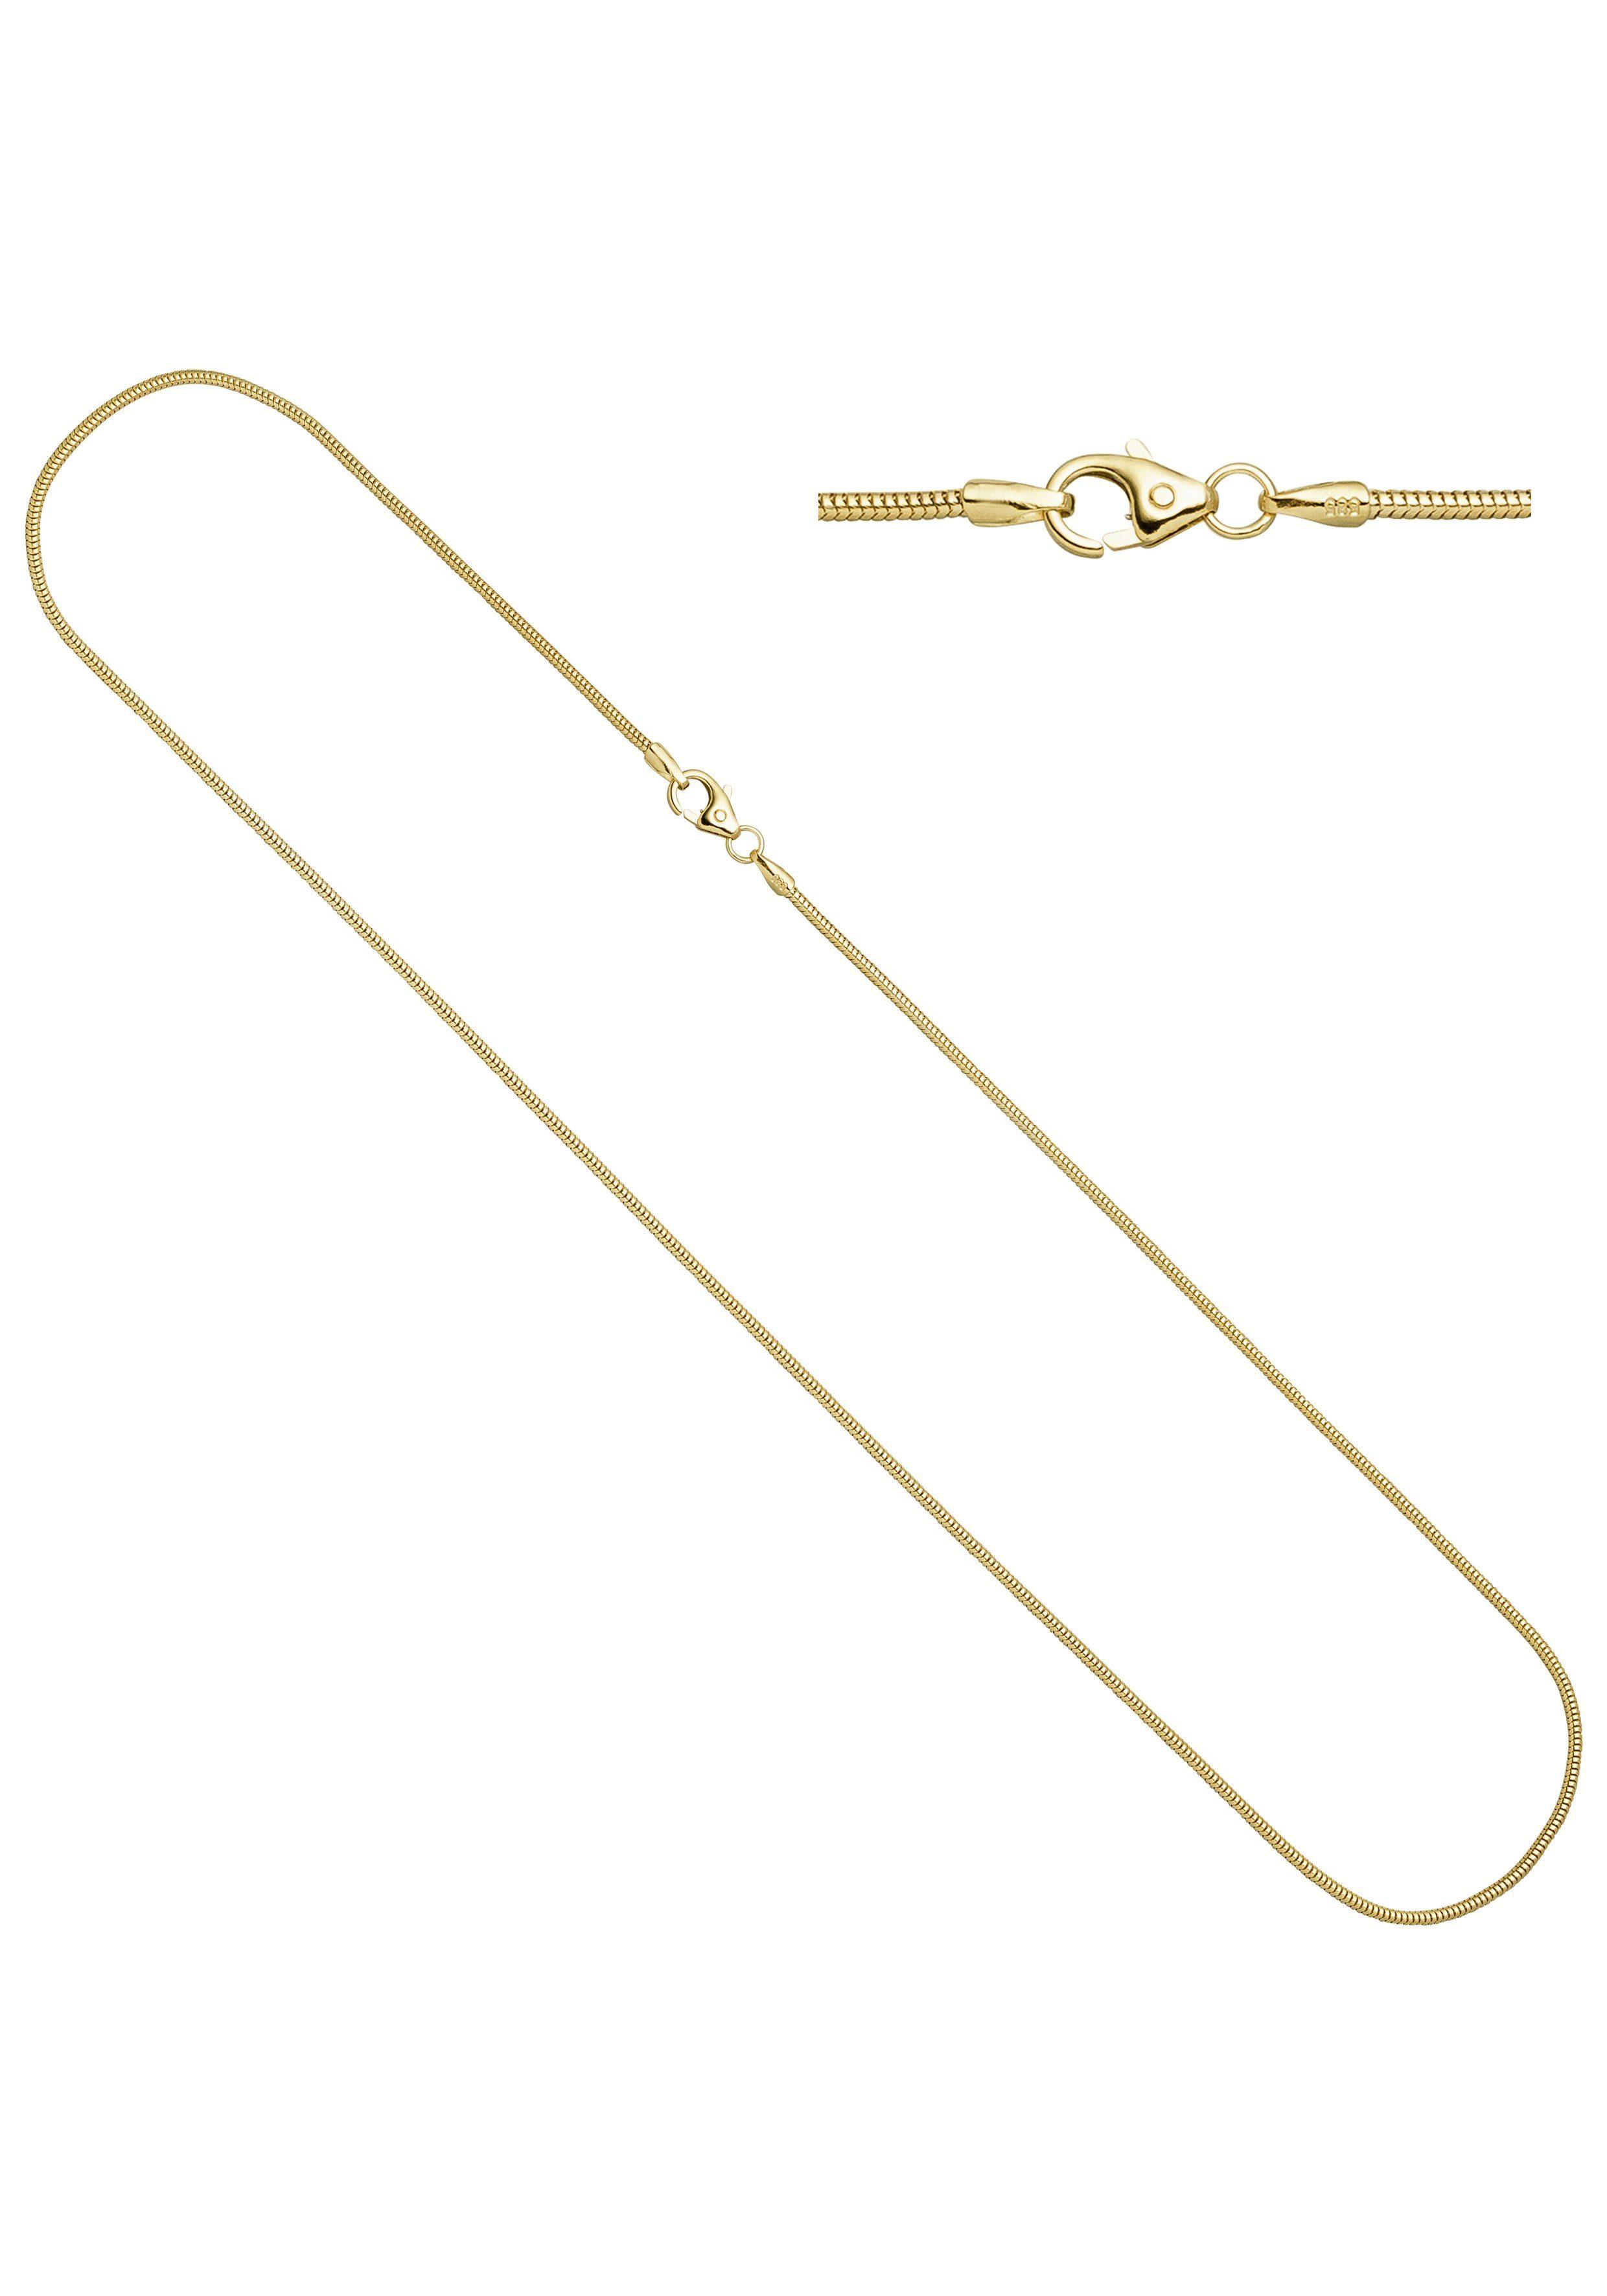 JOBO Goldkette Schlangenkette 585 Gold 45 cm 1,4 mm